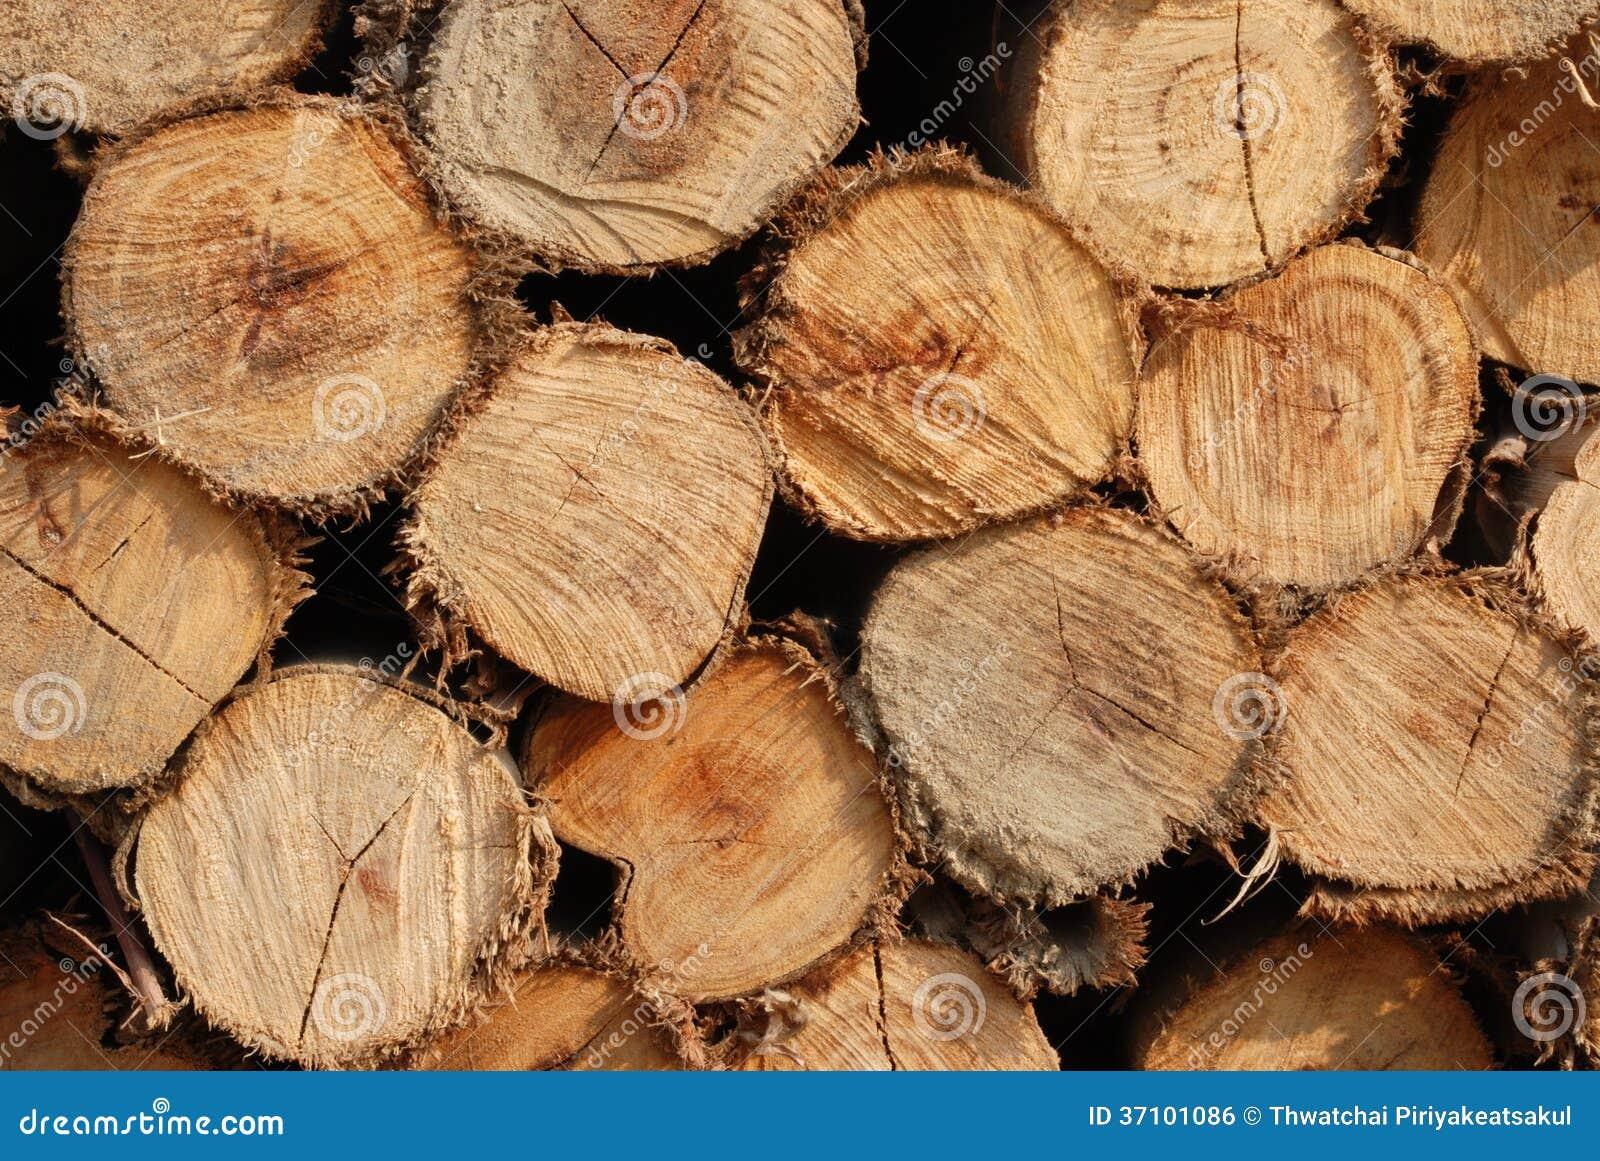 thumbs.dreamstime.com/z/bois-de-construction-d-arbre-d-eucalyptus-37101086